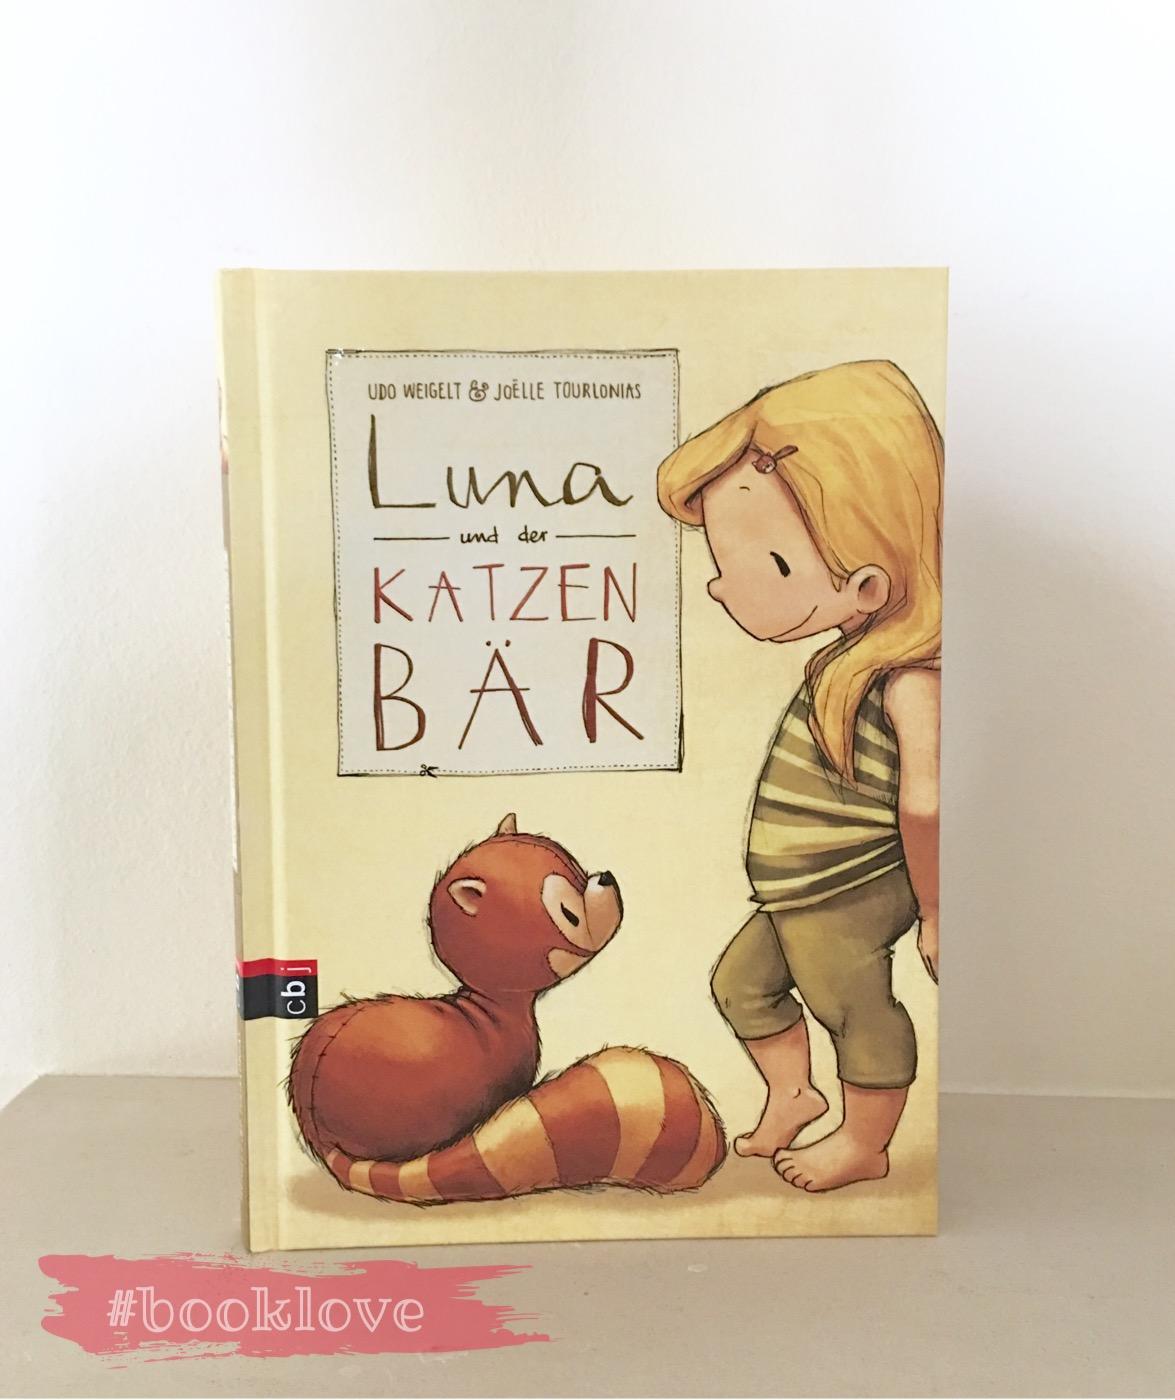 Luna und der Katzenbär, Buchempfehlung, Giveaway, Kinderbuch, Buchtipp, Rezension, Erstleser